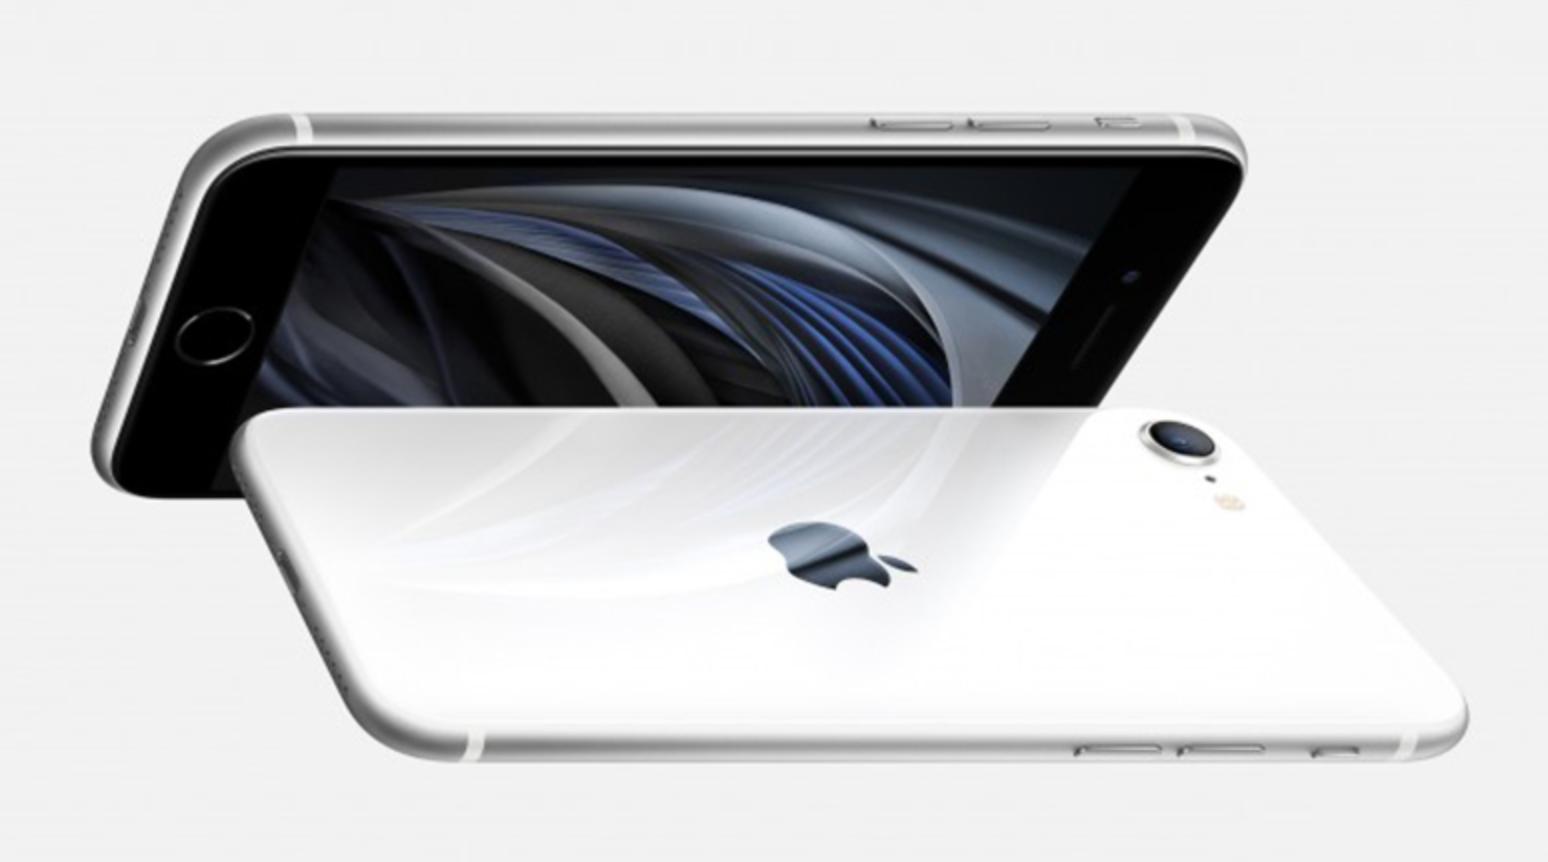 iPhone SE 2020 mới được trang bị một camera sau